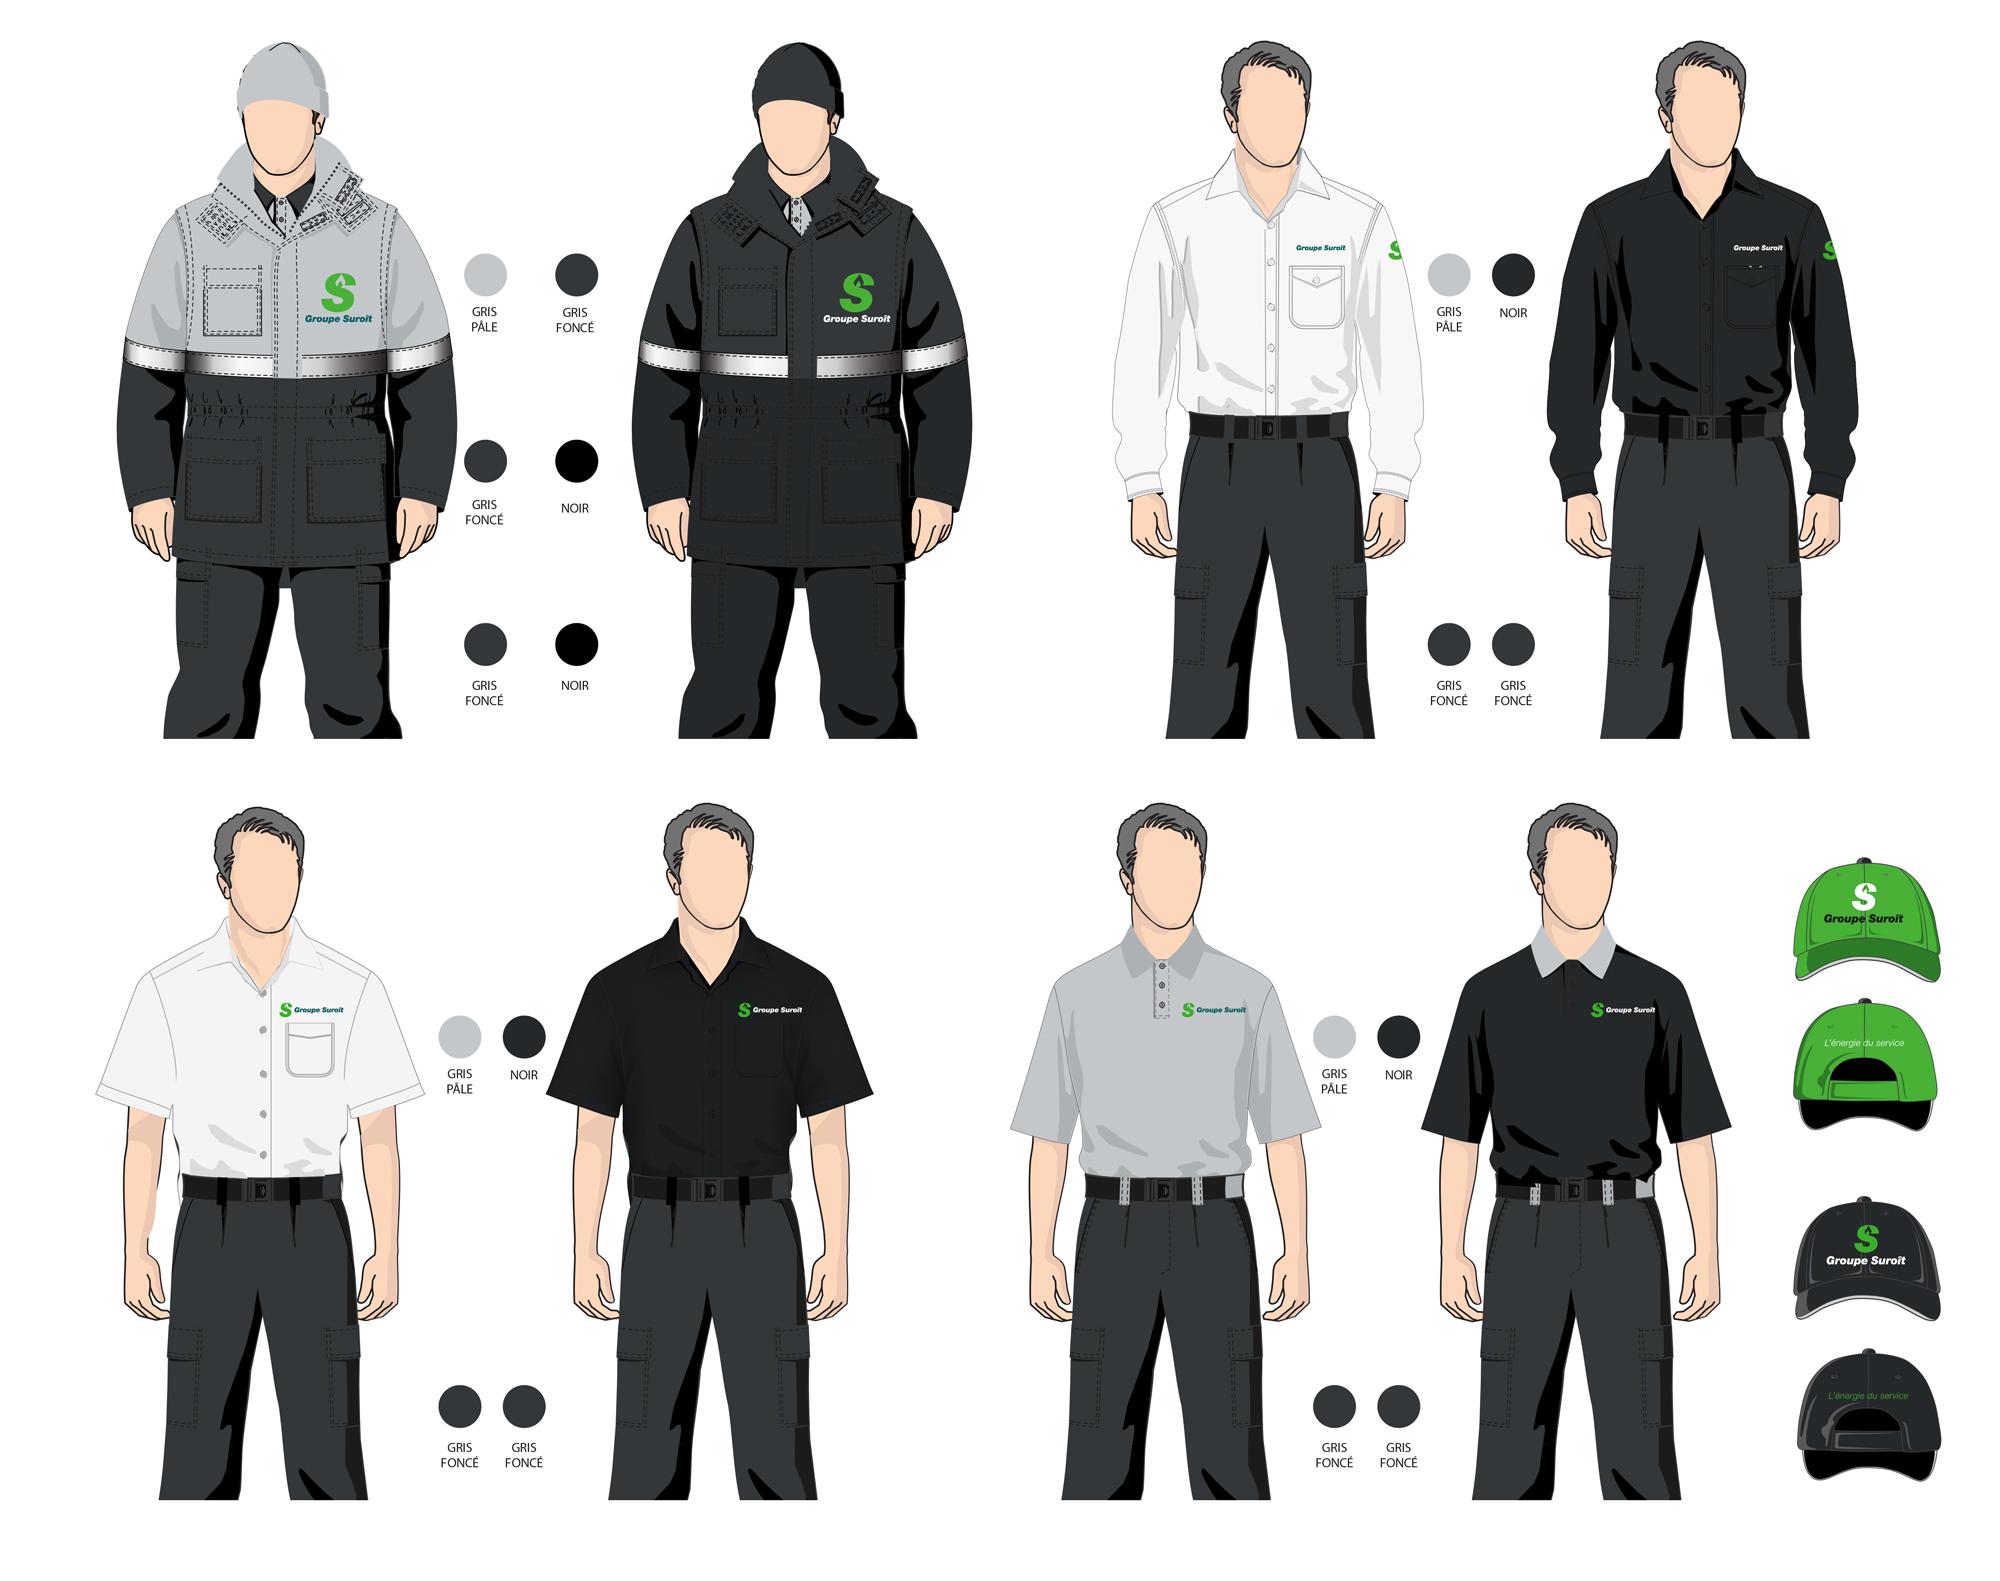 suroit_uniforme2